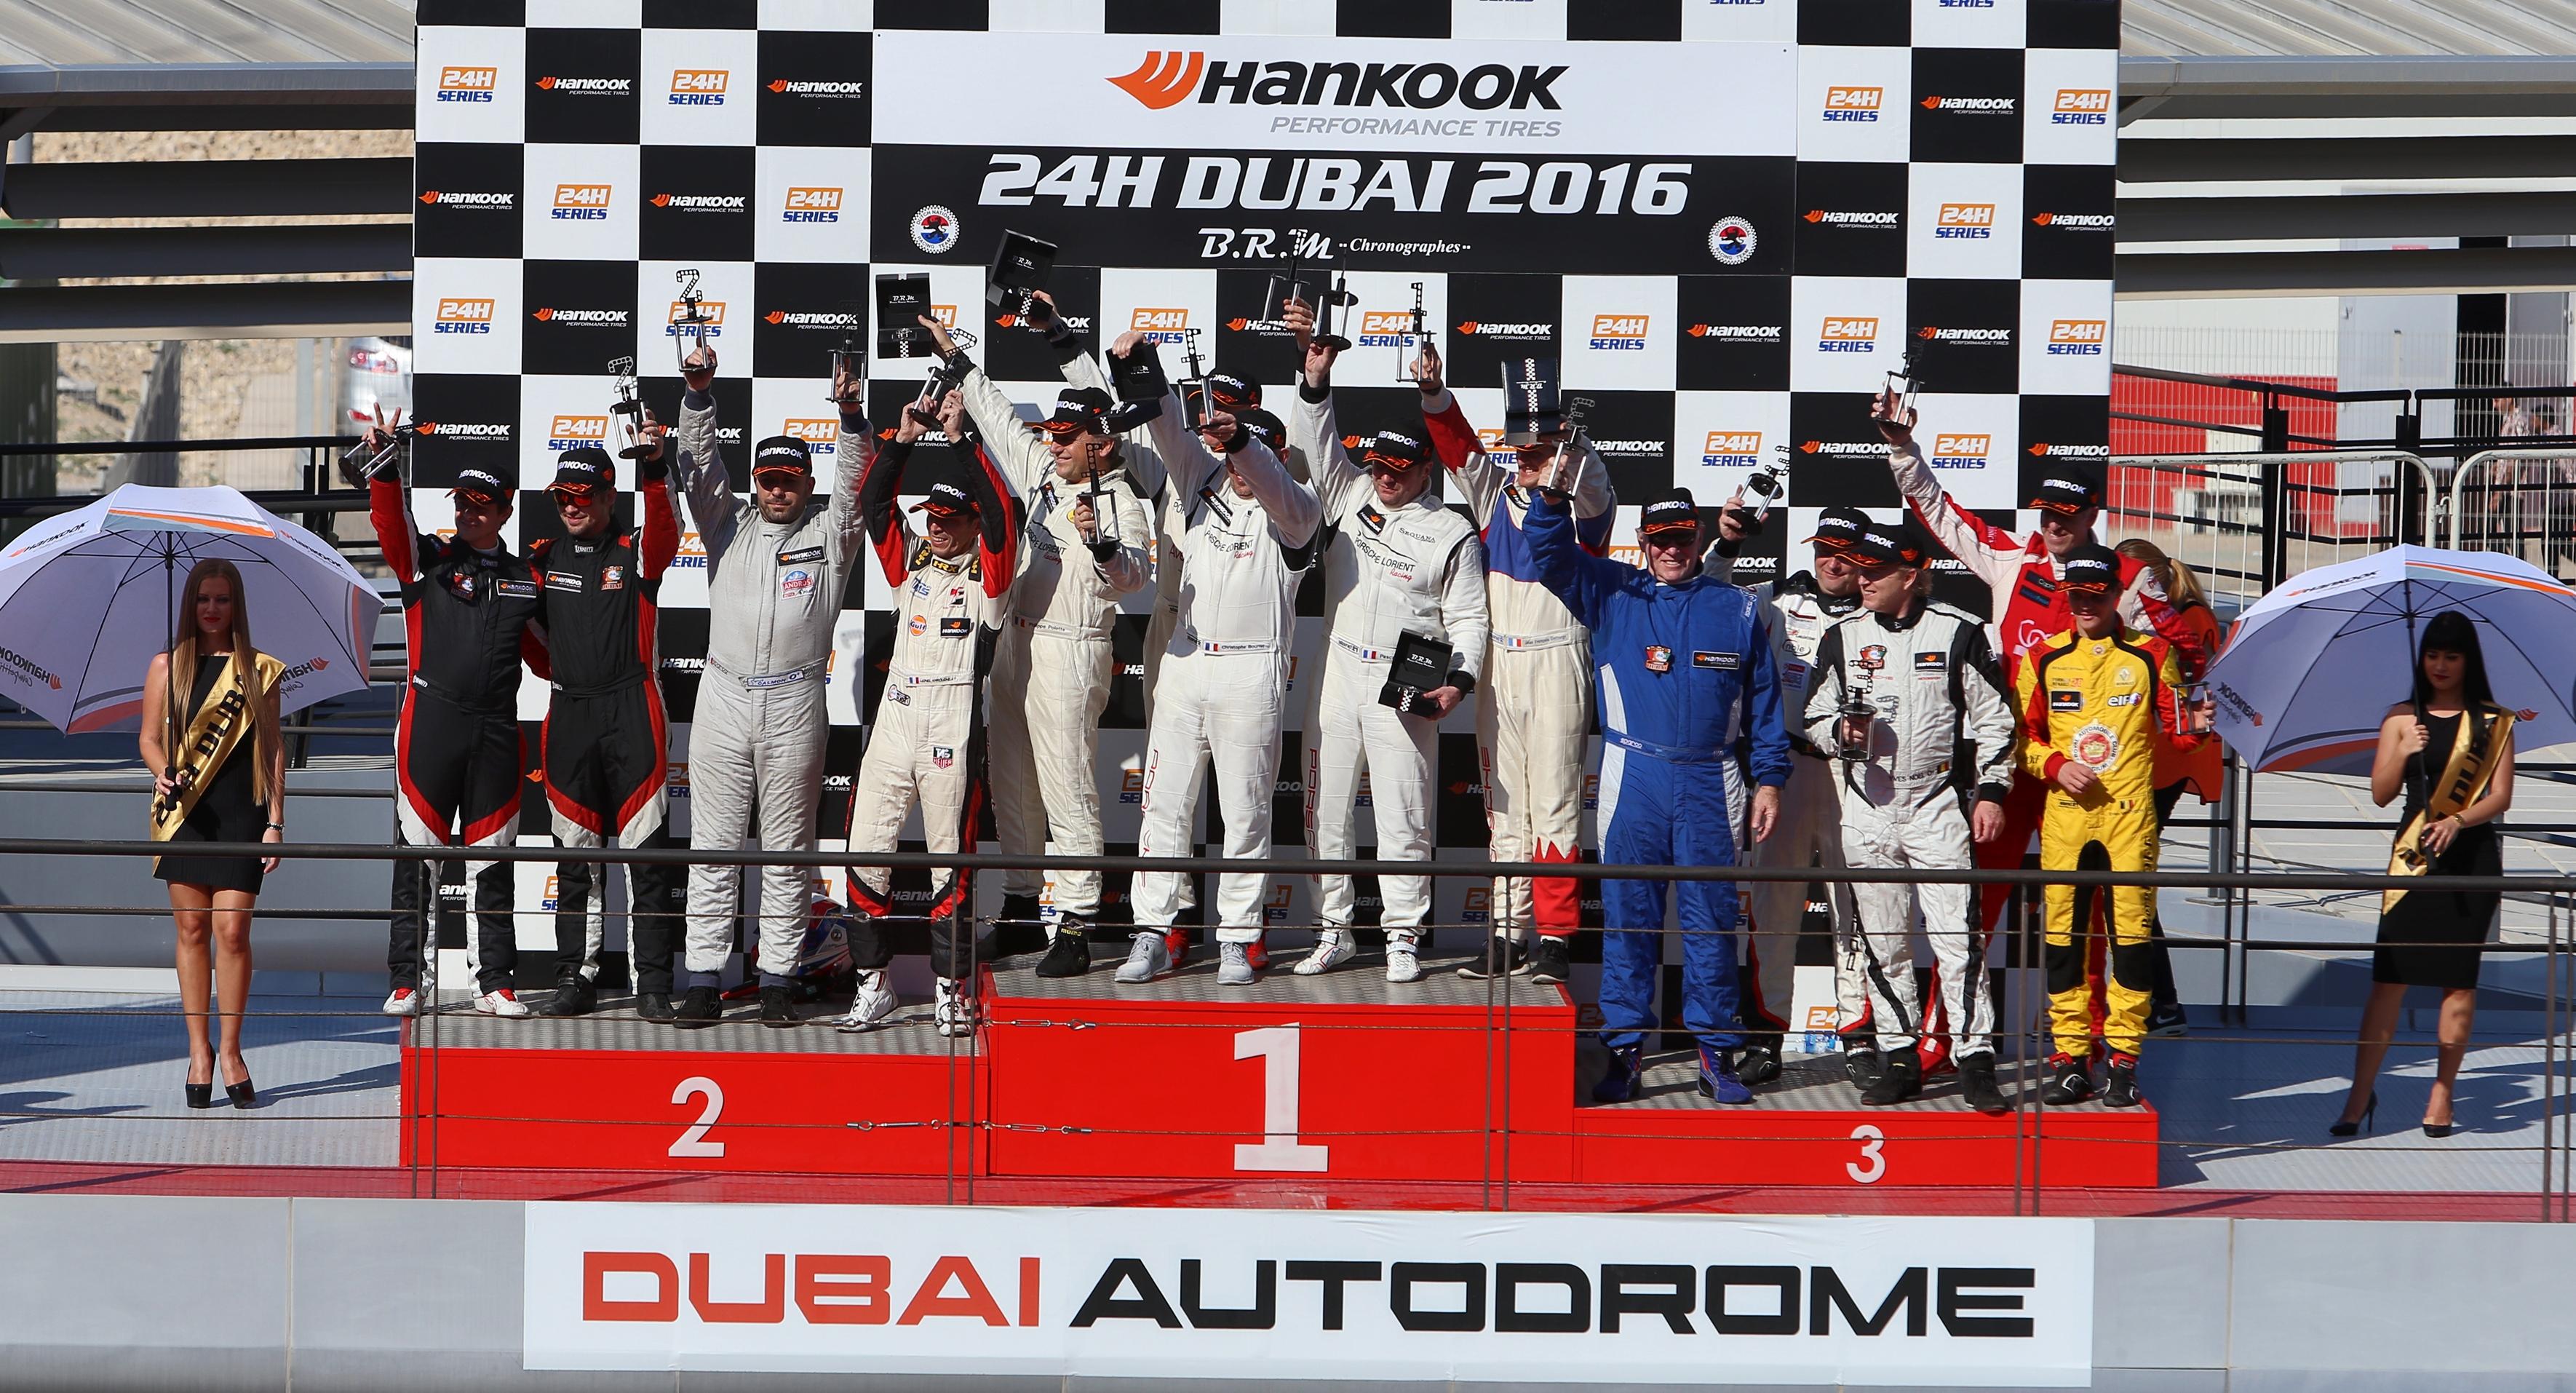 Podium de la catégorie SP2 des 24h Dubai 2016